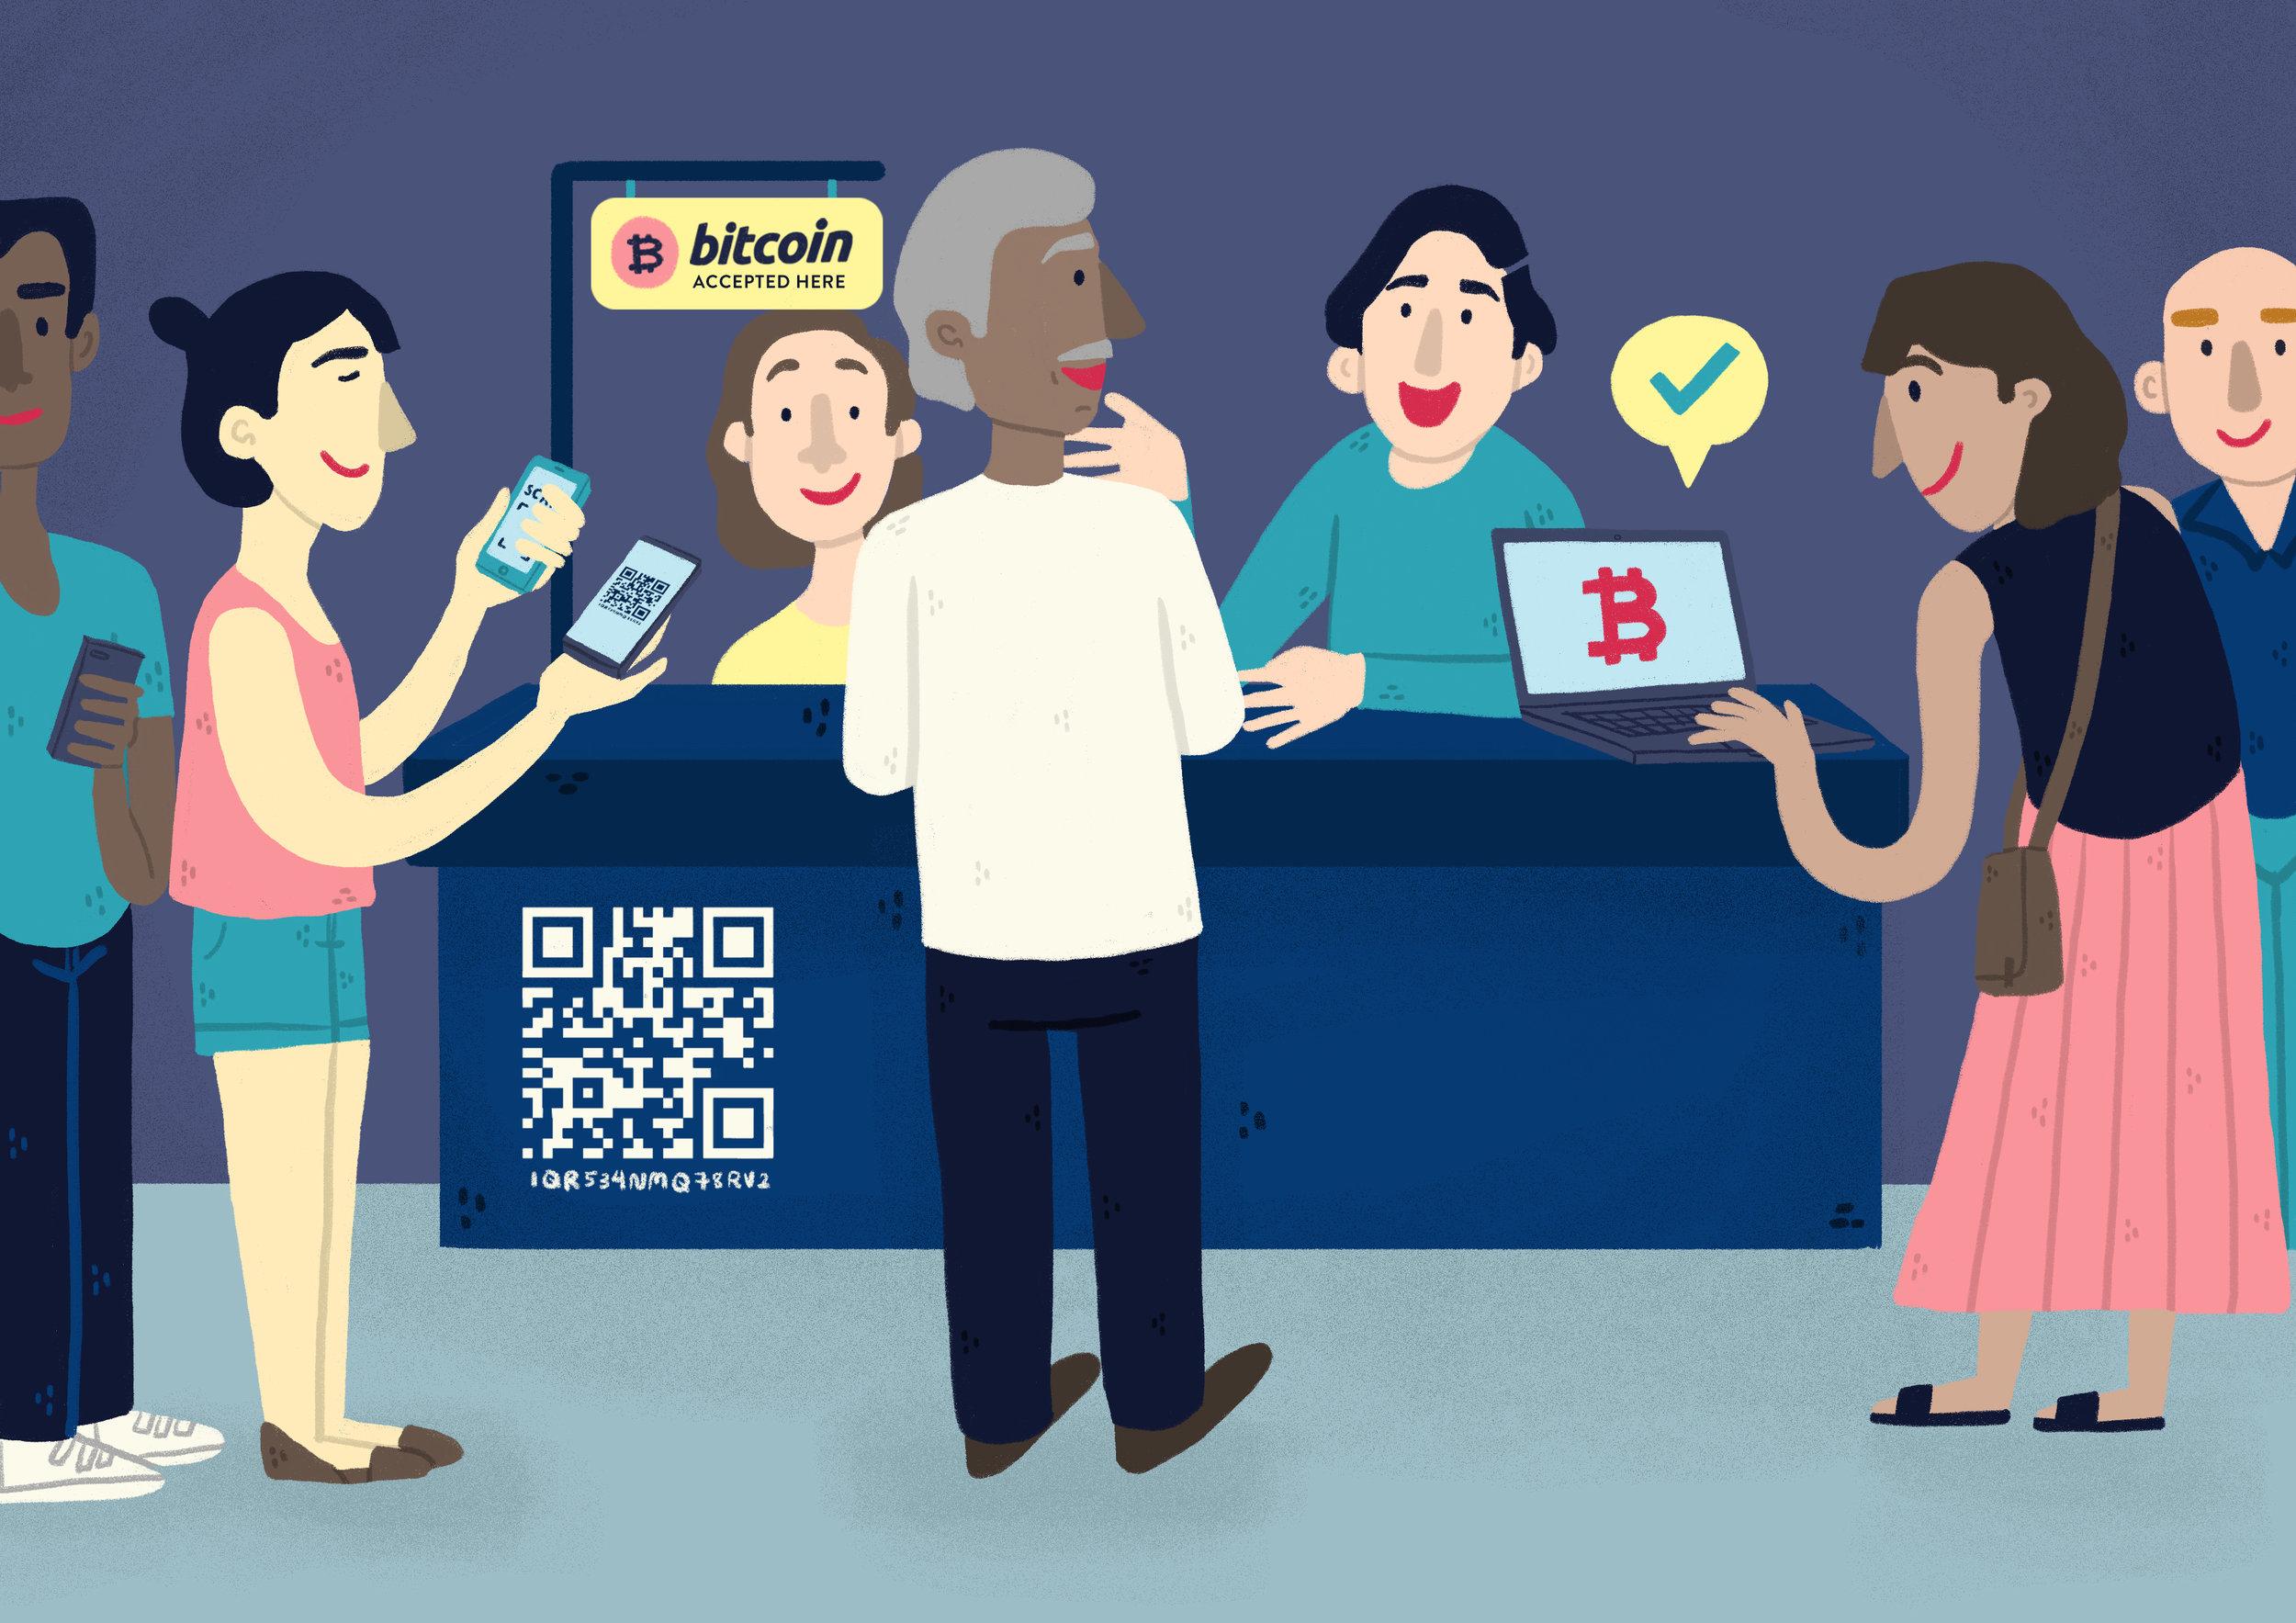 8-lets-go-bitcoin-how-can-my-business-accept-bitcoin.jpg